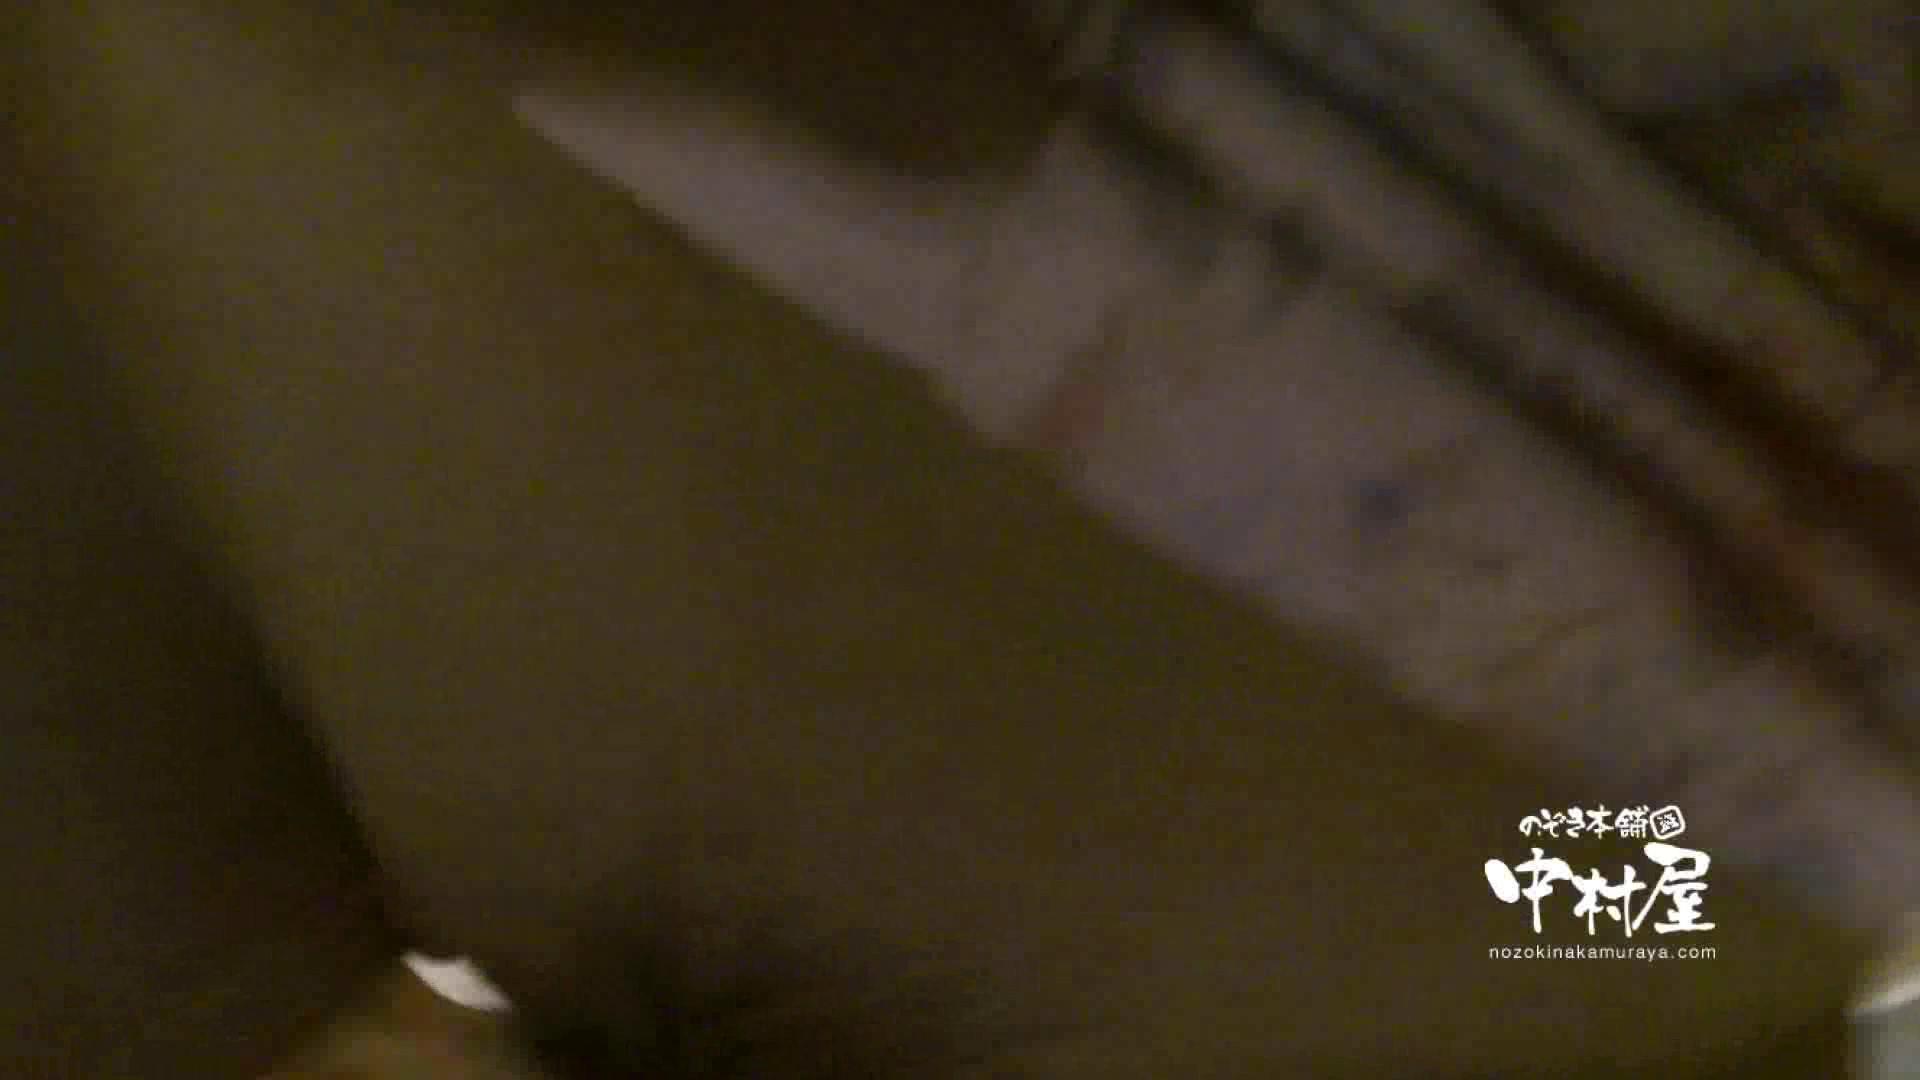 鬼畜 vol.17 中に出さないでください(アニメ声で懇願) 前編 美しいOLの裸体  104pic 12